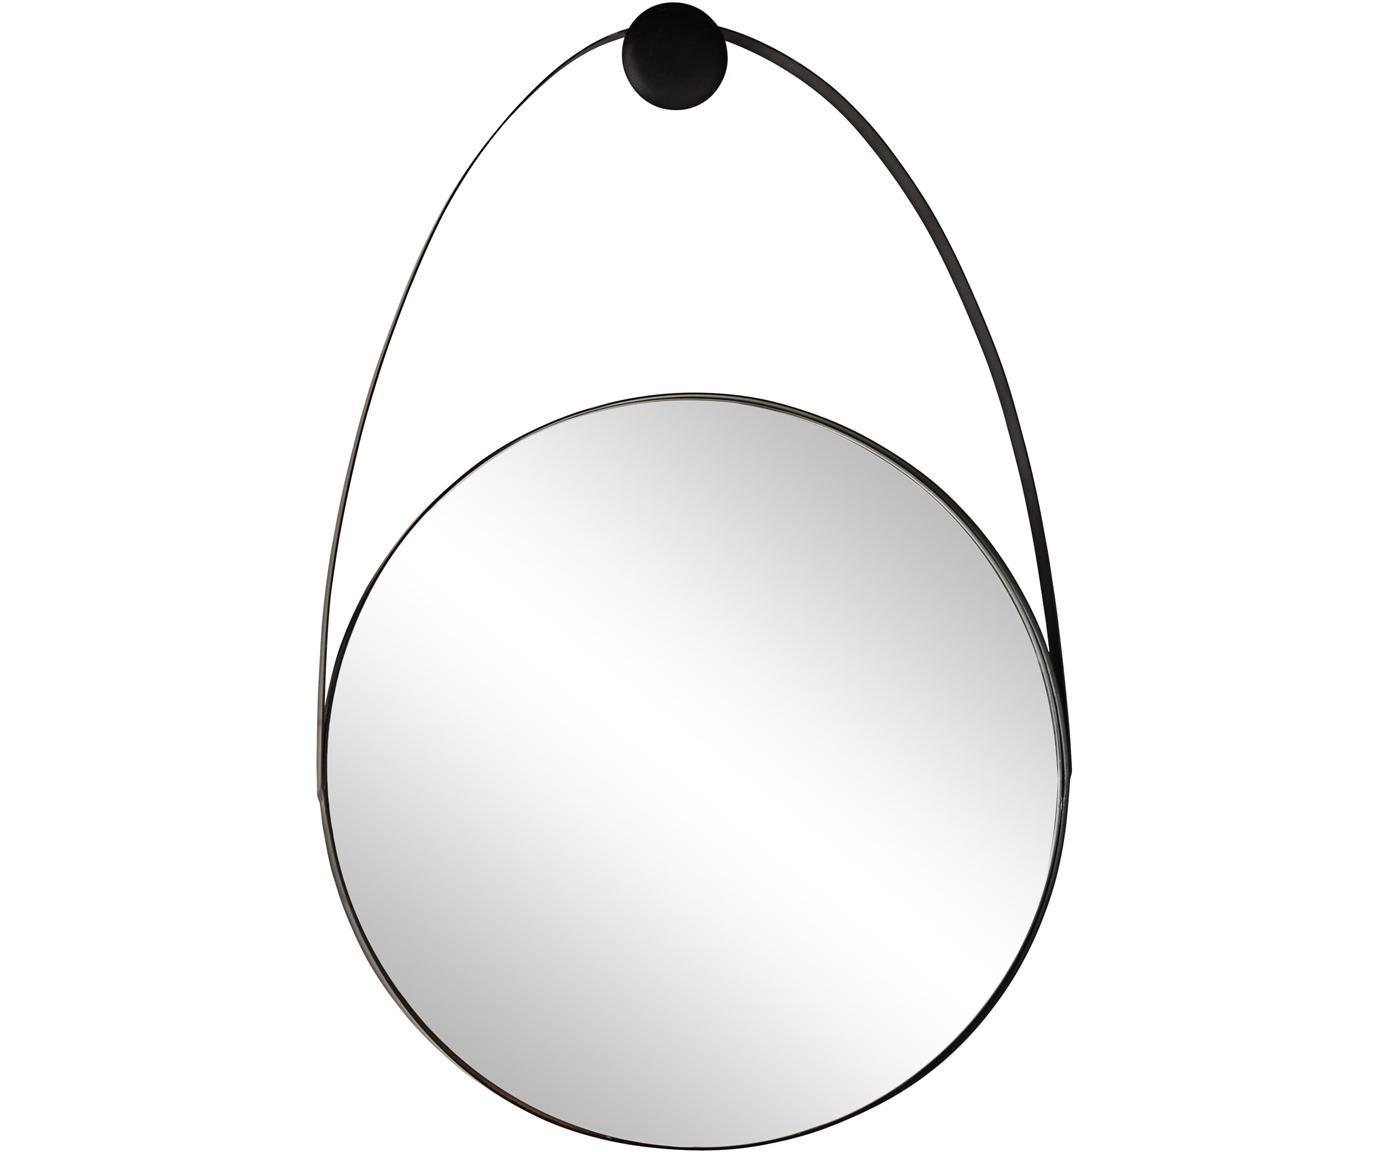 Specchio da parete Kieran, Cornice: metallo rivestito, Superficie dello specchio: lastra di vetro, Nero, Larg. 46 x Alt. 68 cm